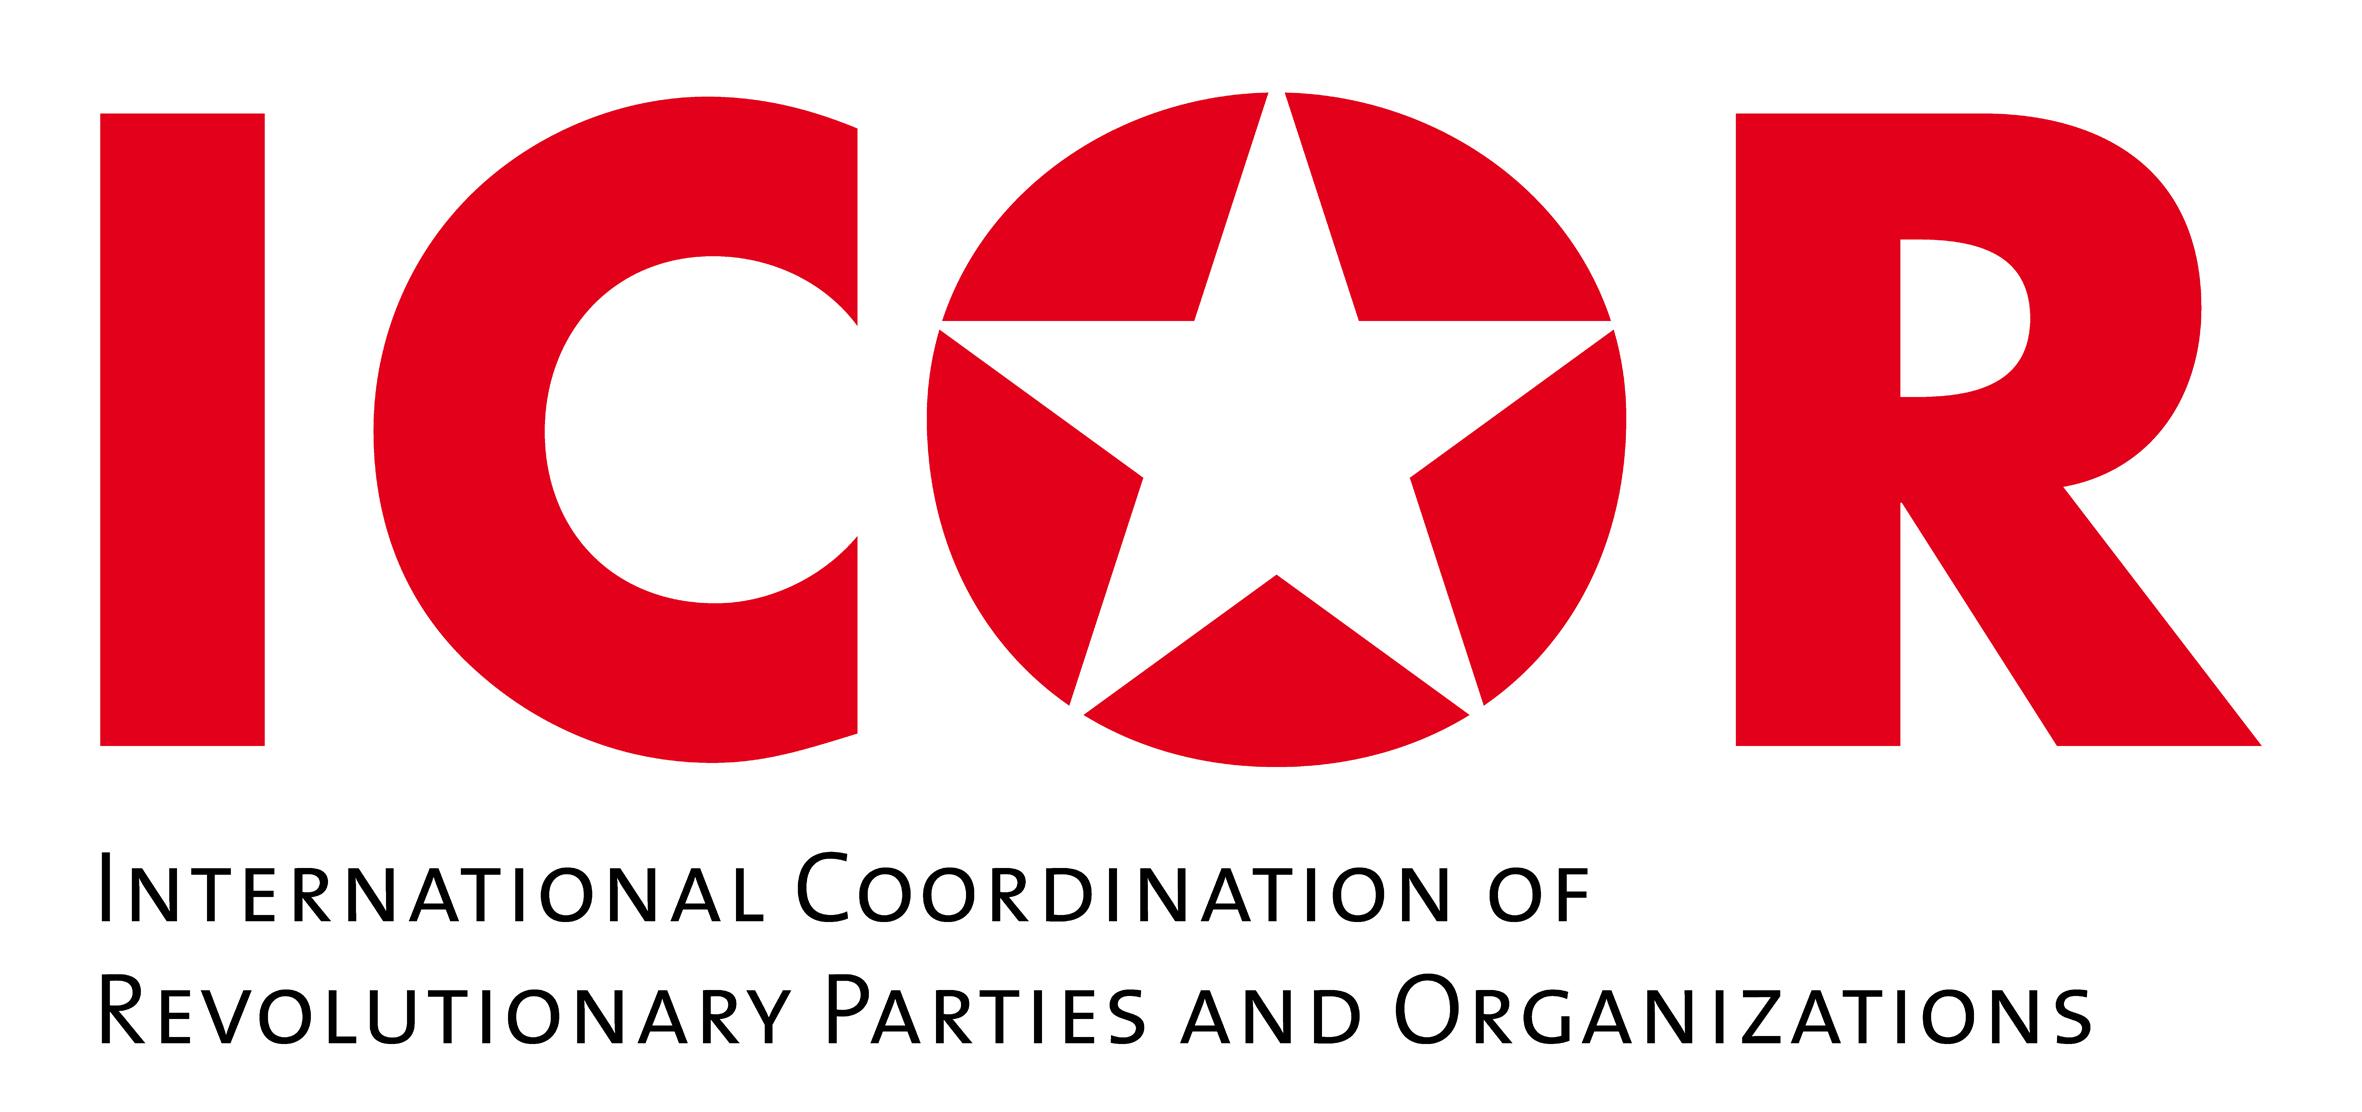 Éditorial: Débat international sur Internet  à propos de l'importance du Centenaire de la révolution d'Octobre